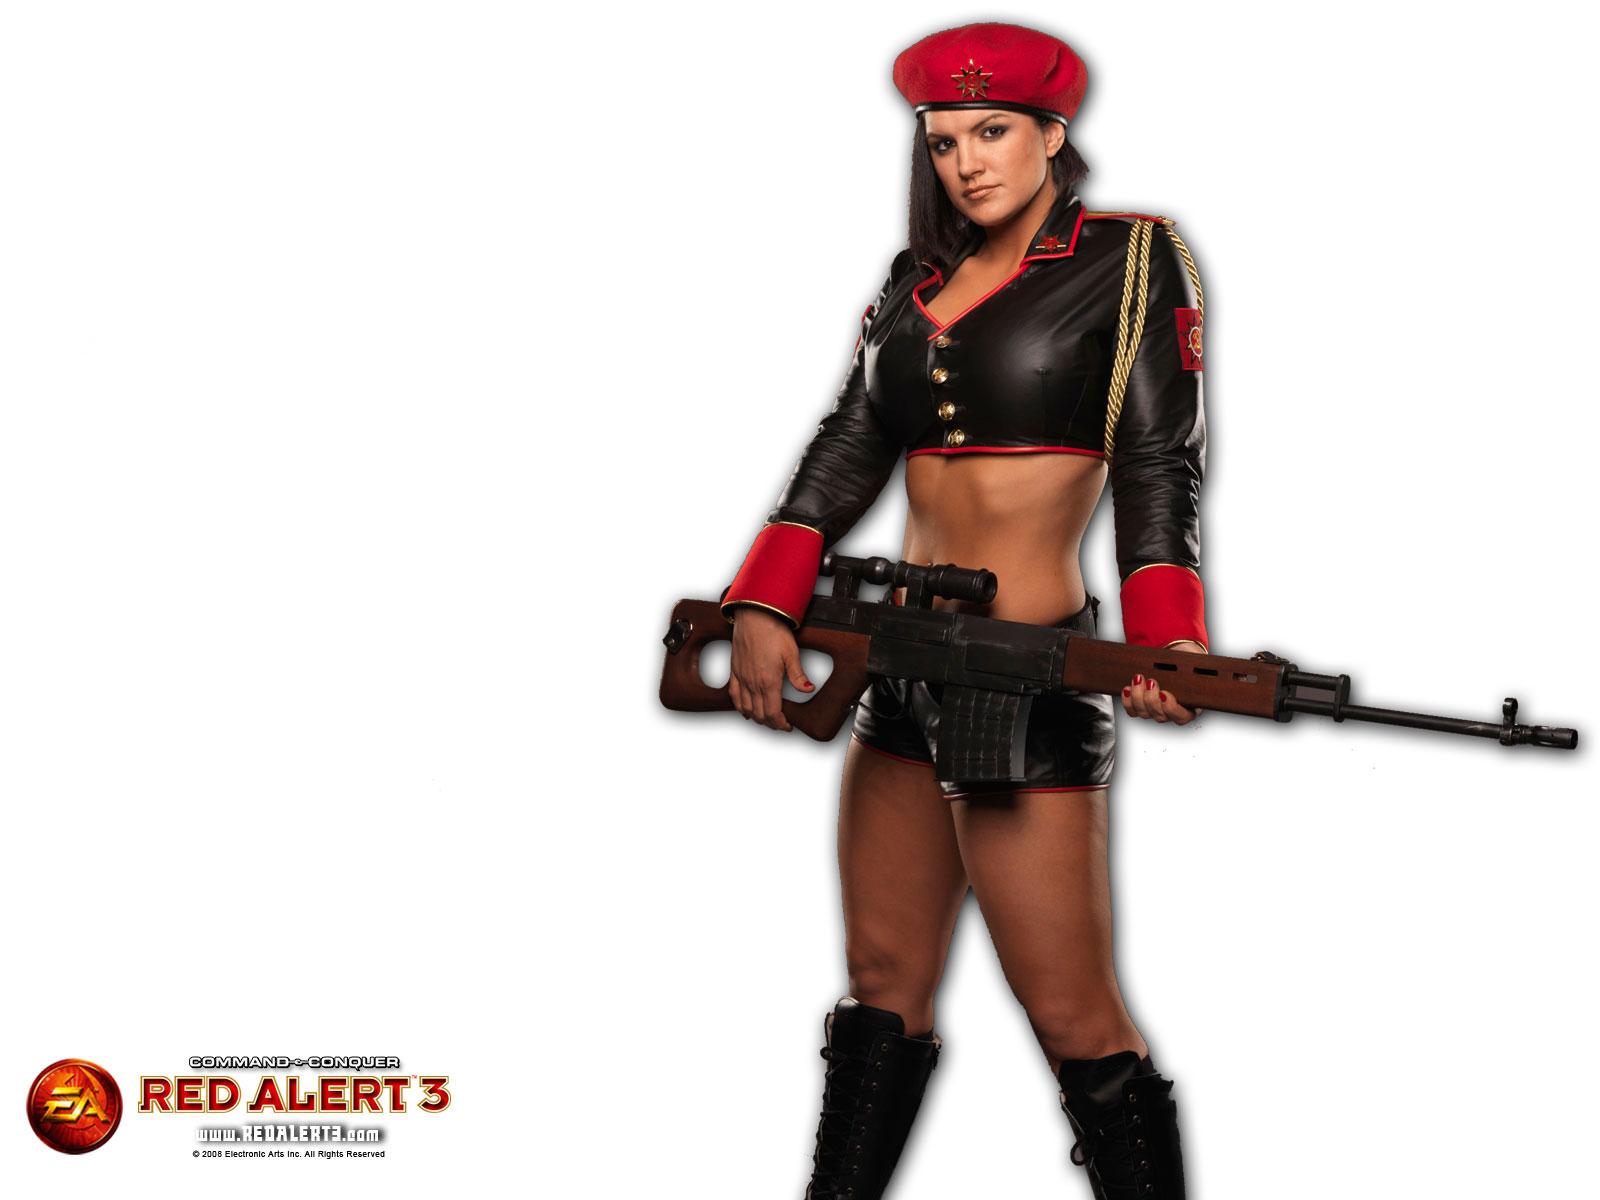 http://1.bp.blogspot.com/-OyaSN0JKAsk/TlNd8_AezfI/AAAAAAAAAQ8/wgfuNxlPdoI/s1600/Red+Alert+3+Wallpaper+%2528www.gameswallpapersatoz.blogspot.com%25296.jpg